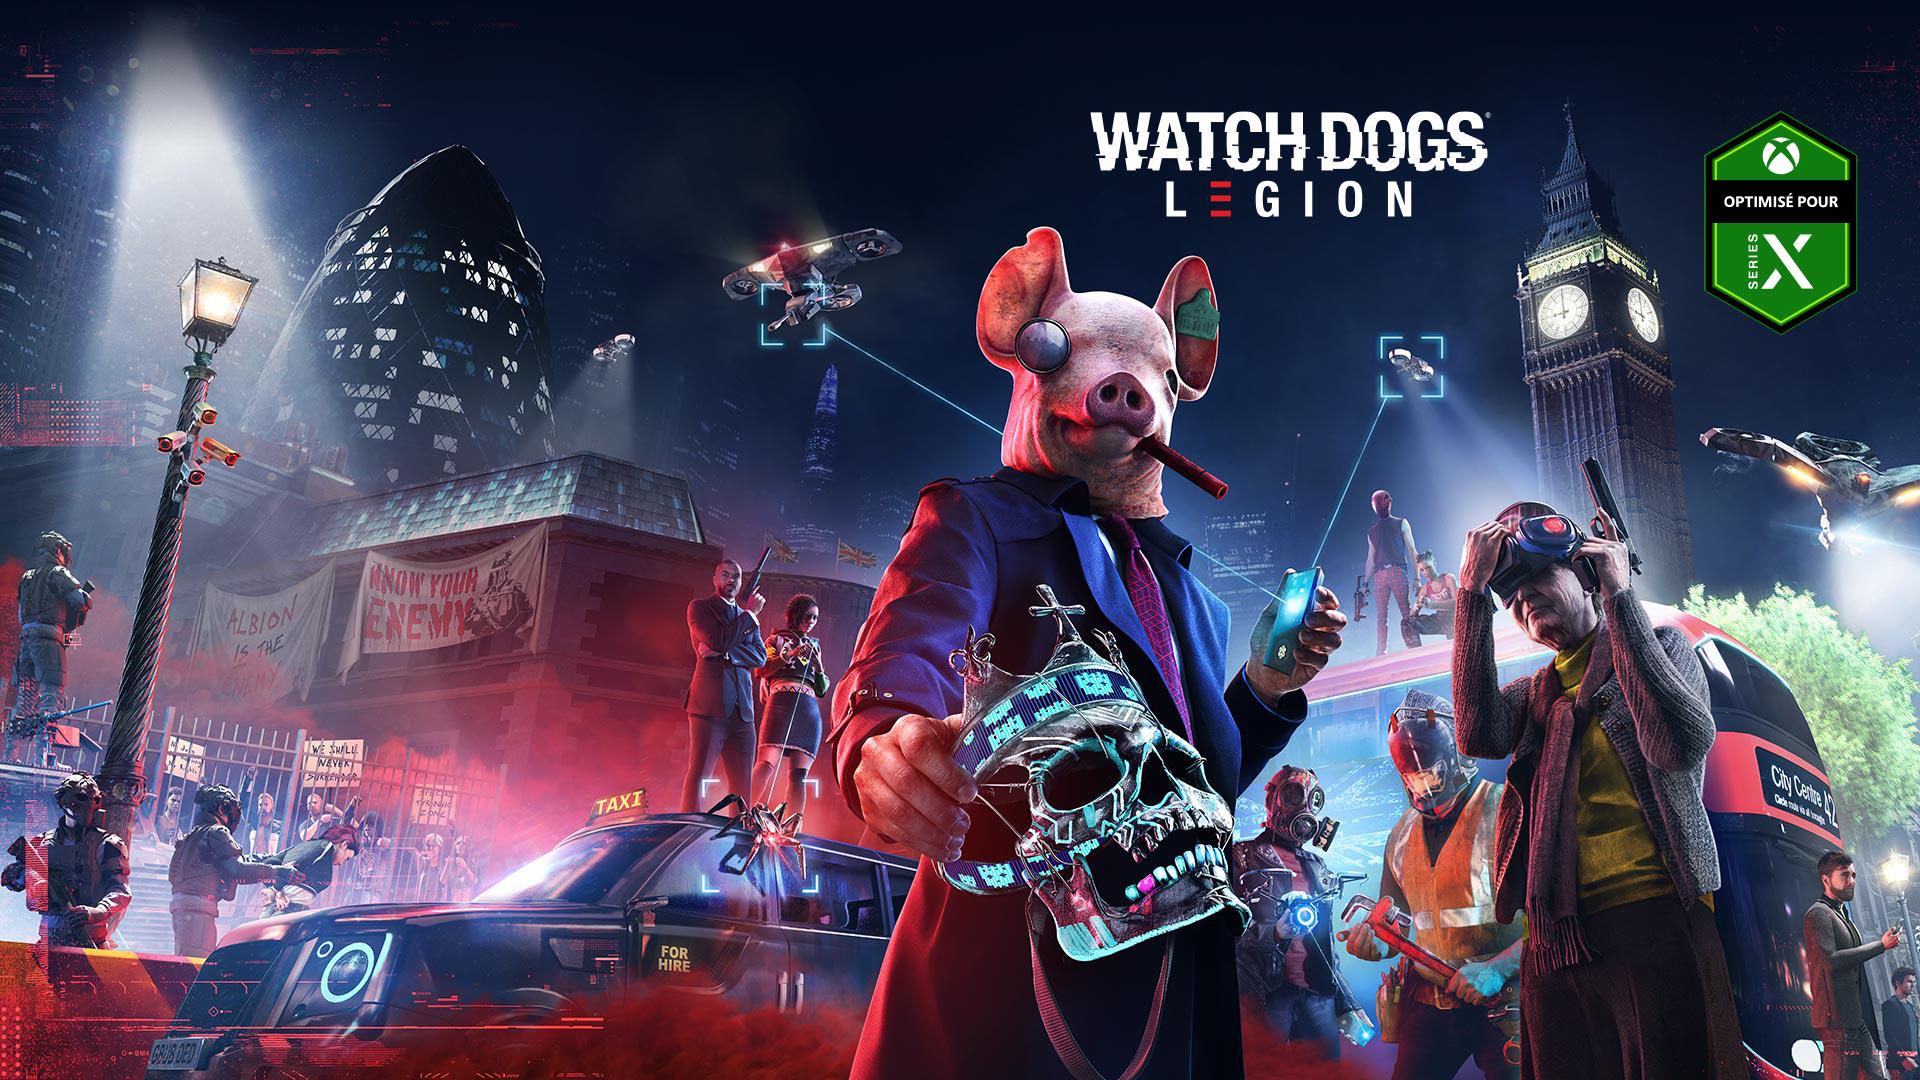 Badge Optimisé pour Series X, Logo de Watch Dogs Legion, personne portant un masque de cochon tenant un crâne, deux drones, Big Ben et plusieurs autres personnages armés